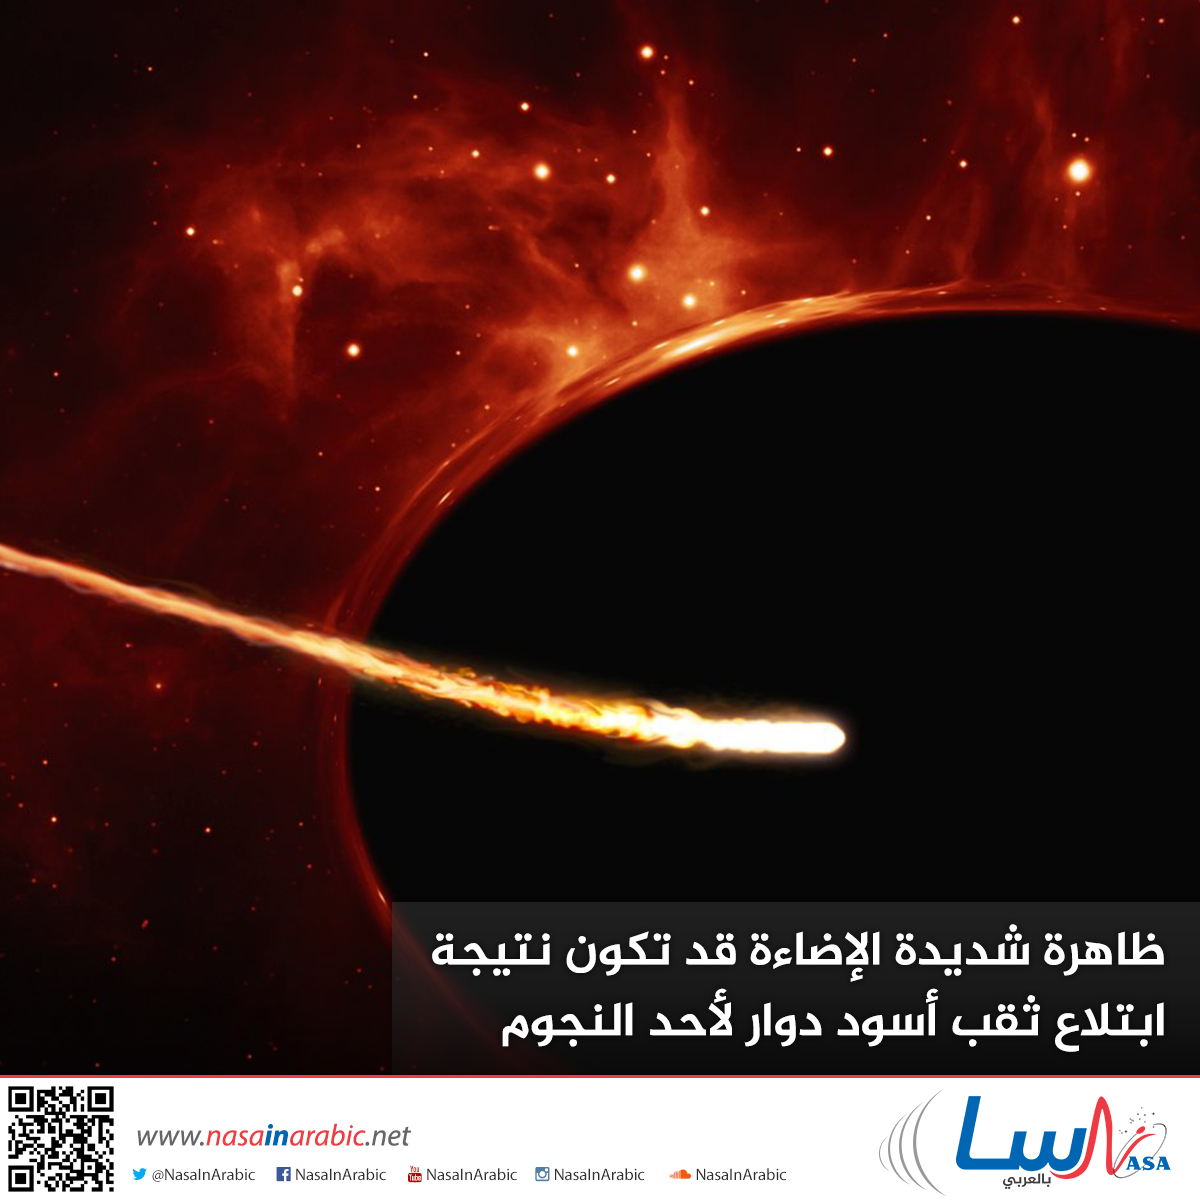 ظاهرة شديدة الإضاءة قد تكون نتيجة ابتلاع ثقب أسود دوار لأحد النجوم